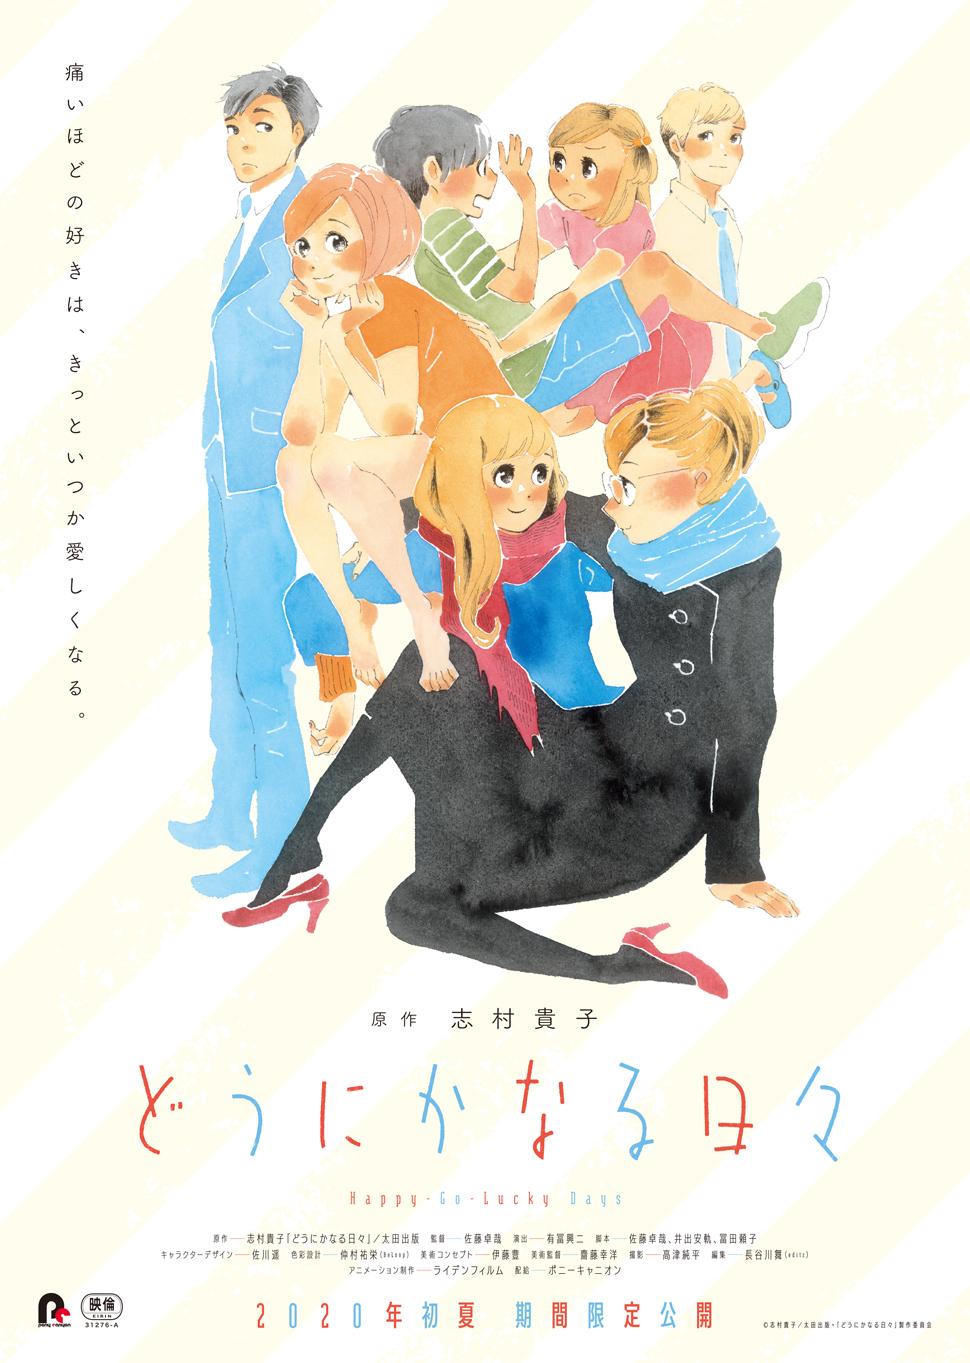 【どうにかなる日々】ティザーチラシ表 (C)志村貴子/太田出版・「どうにかなる日々」製作委員会